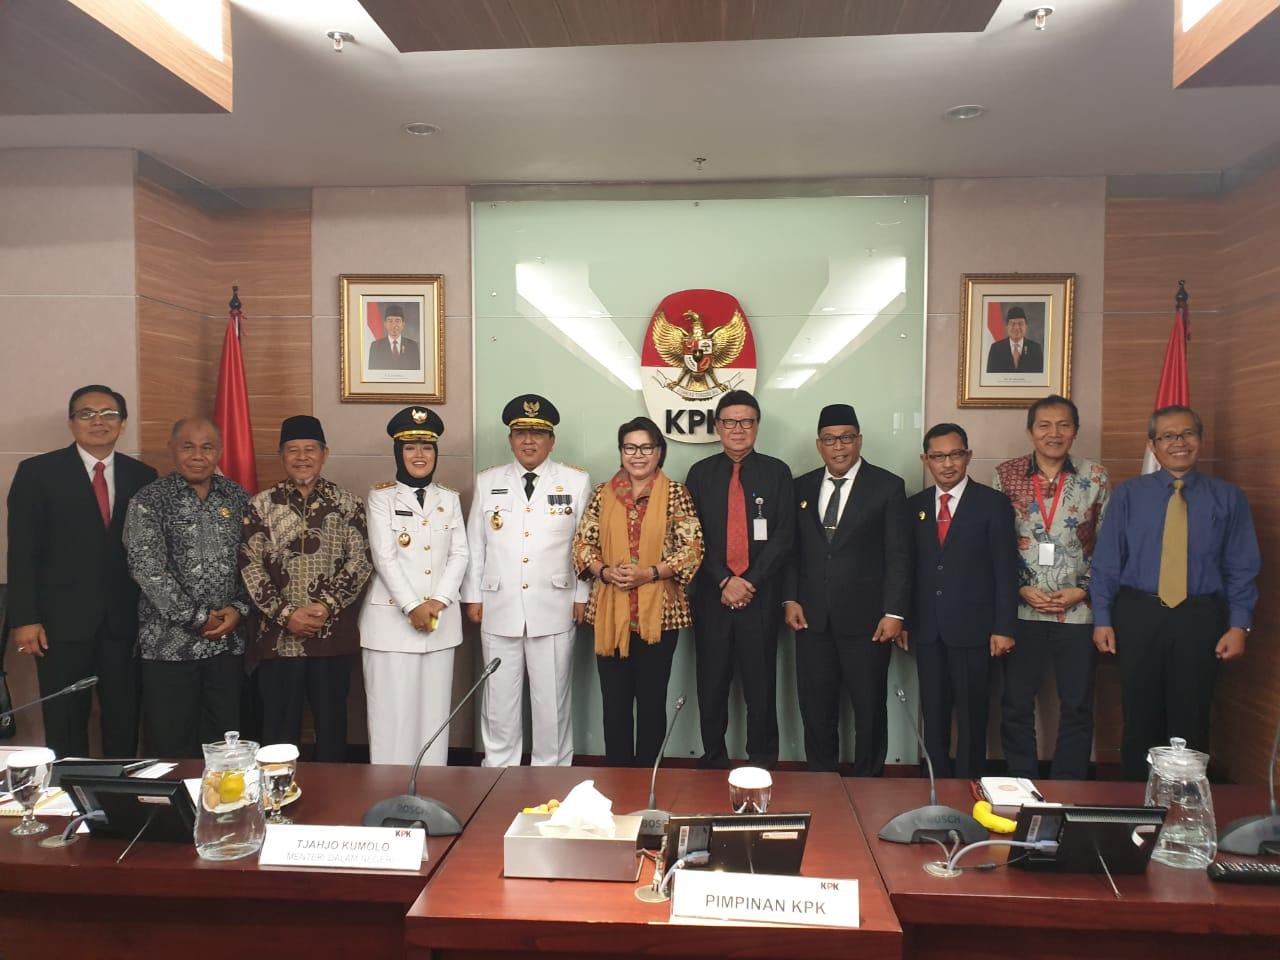 Mendagri Ajak Gubernur Maluku, Malut & Lampung ke KPK